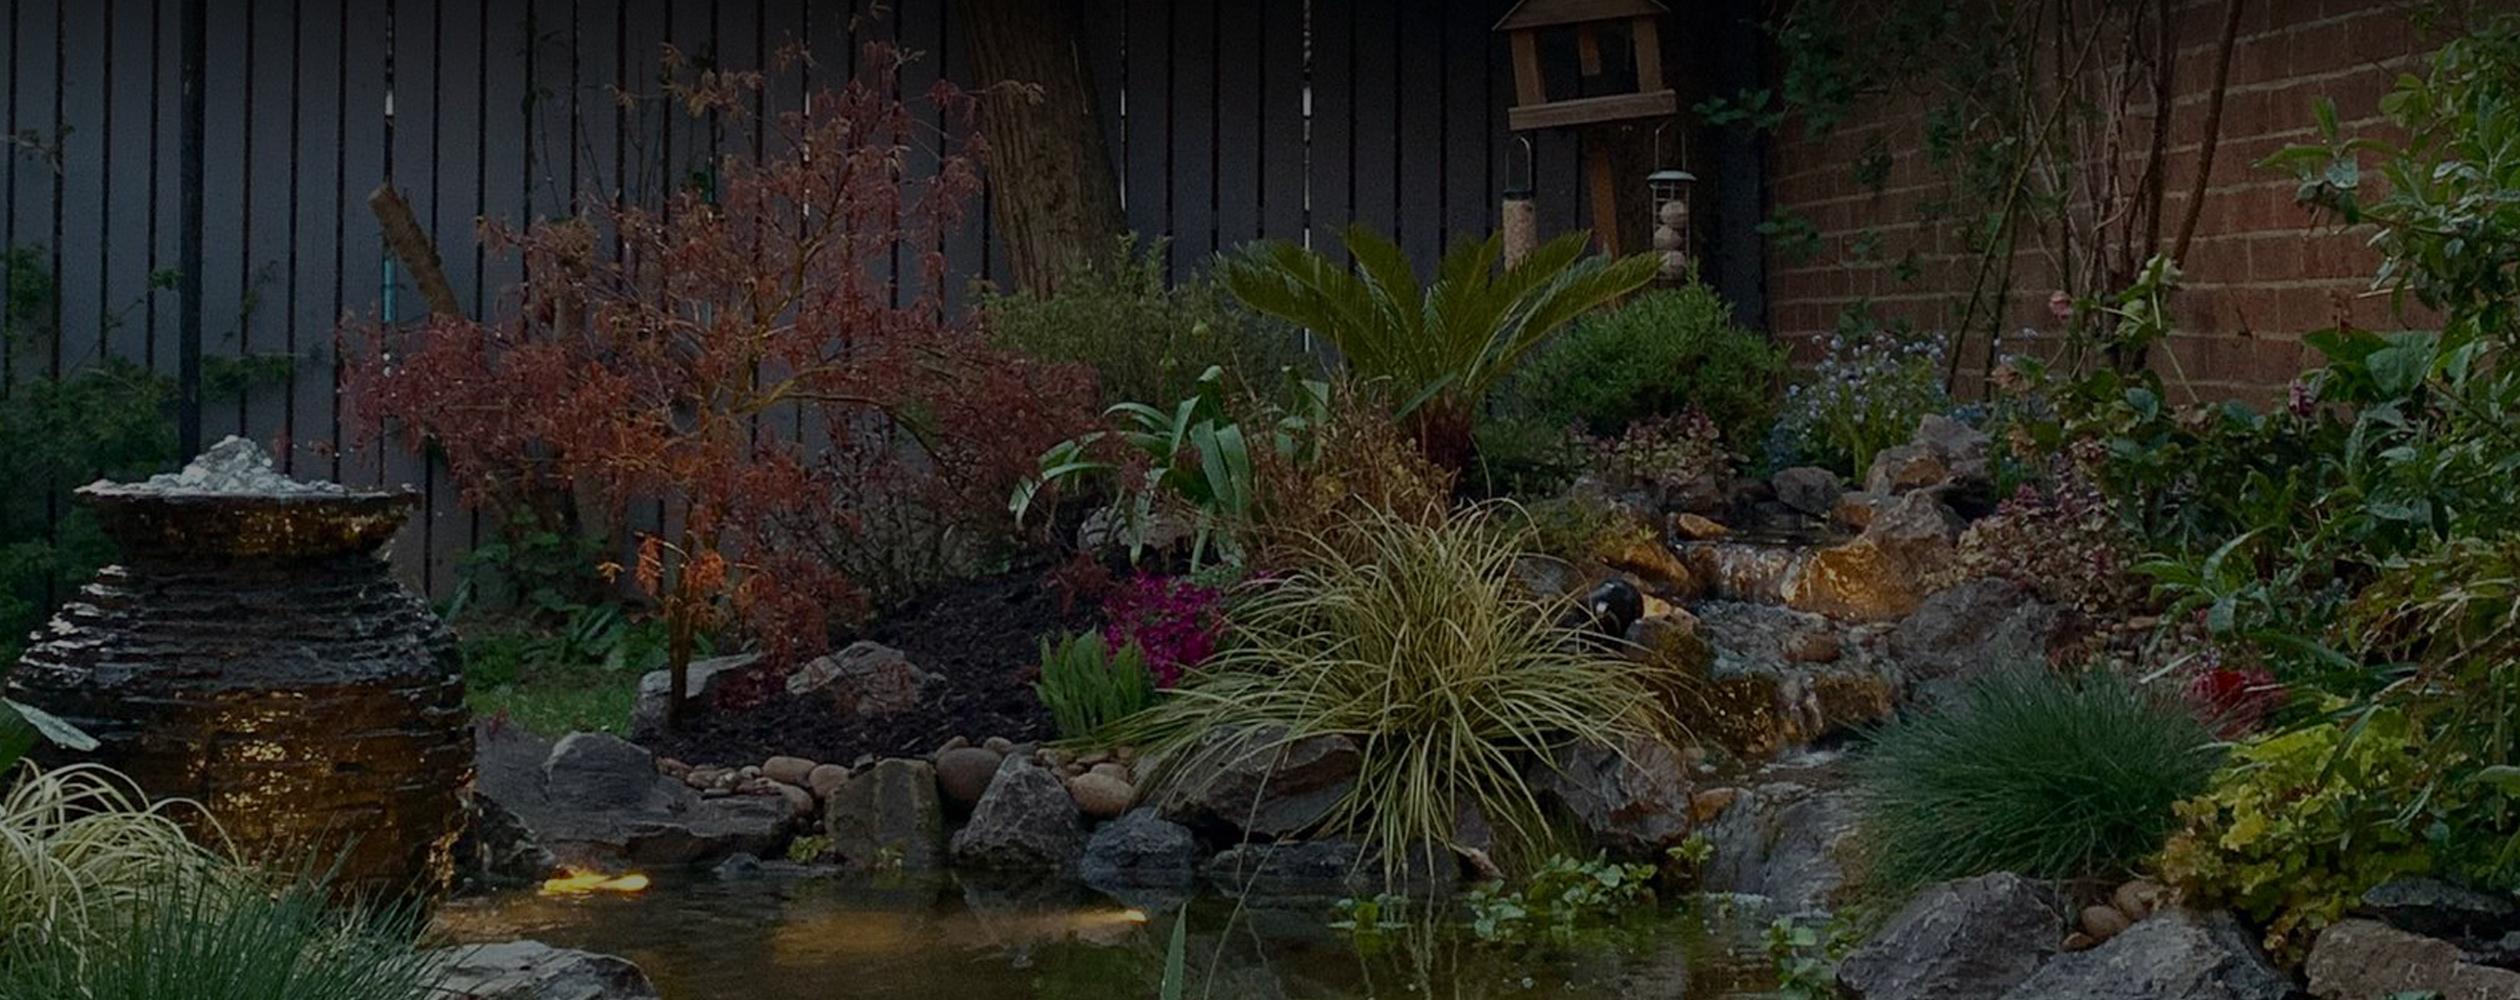 Jd Landscapes Water Garden Specialist